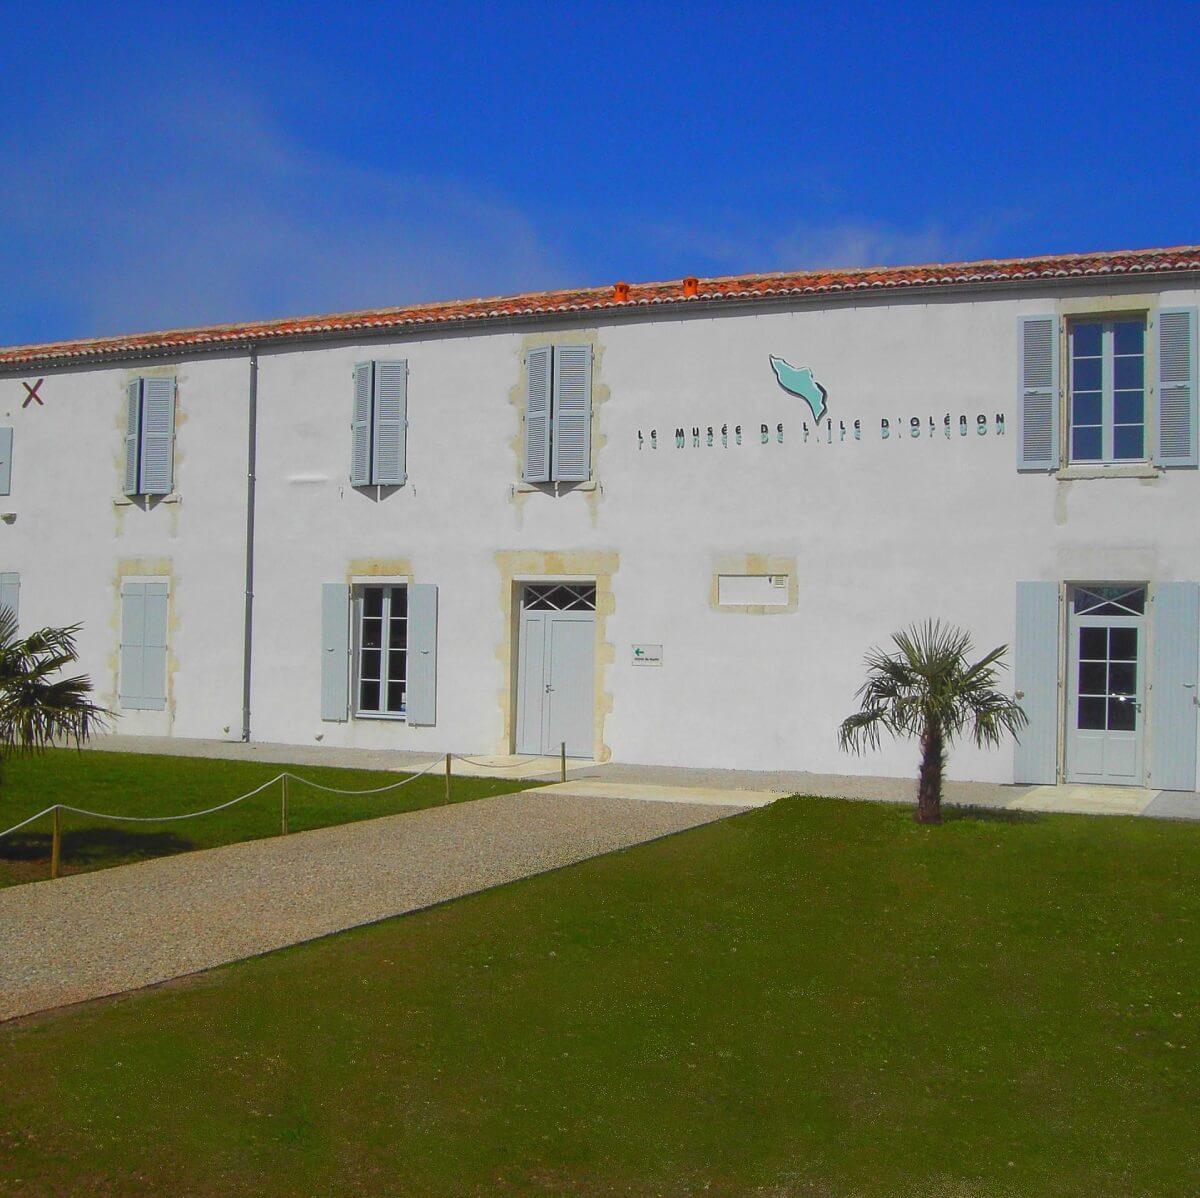 Musée de l'île d'Oléron